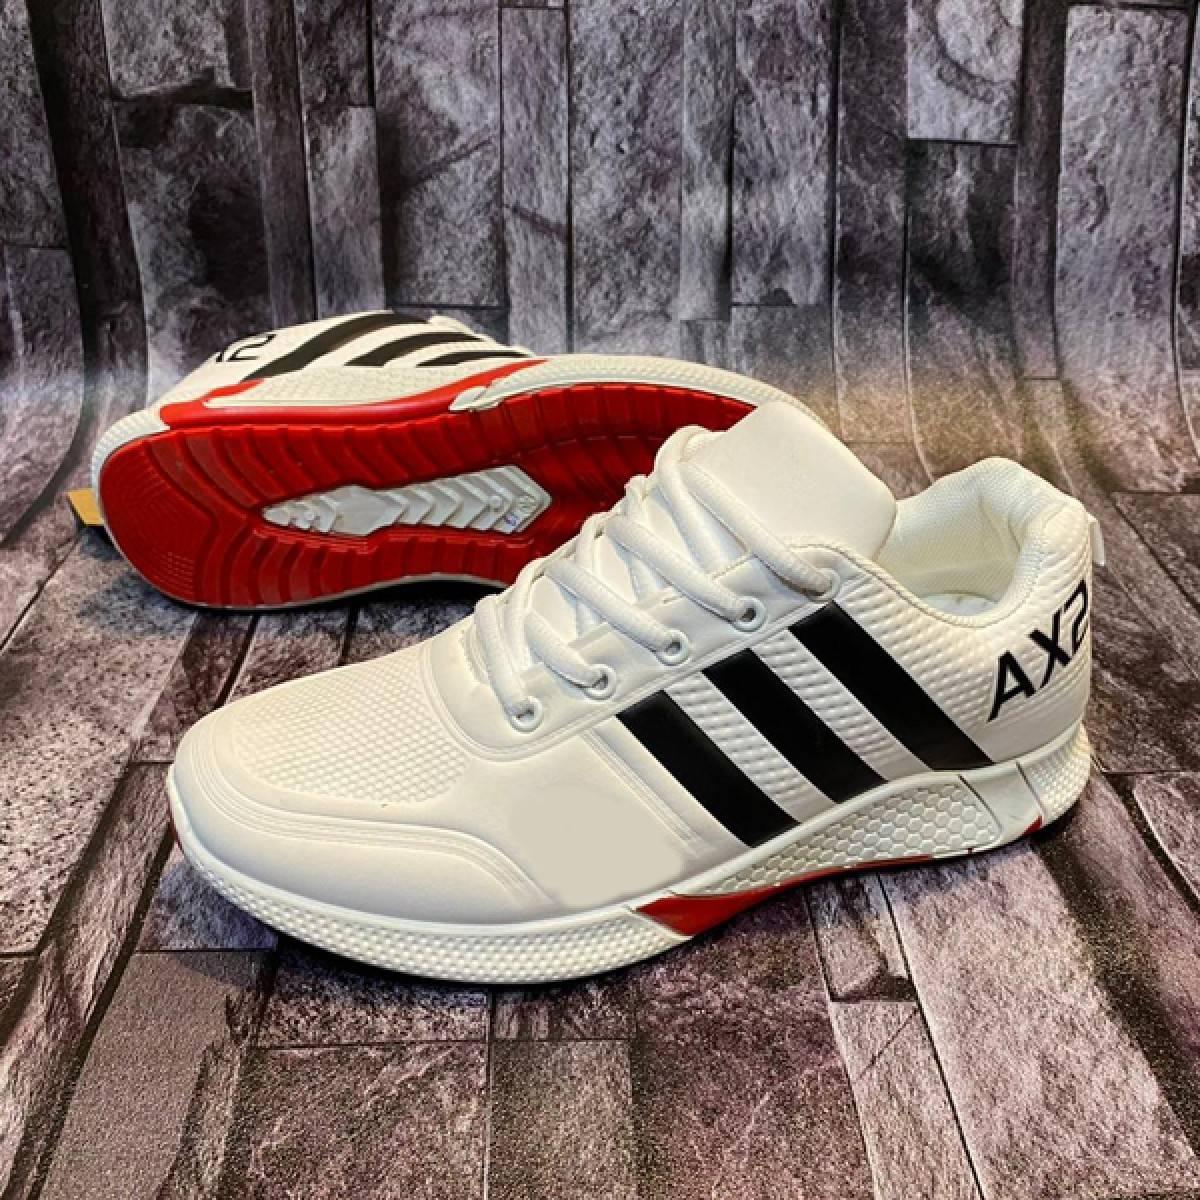 Sneaker Shoes For Men Best For Gym/Jogging